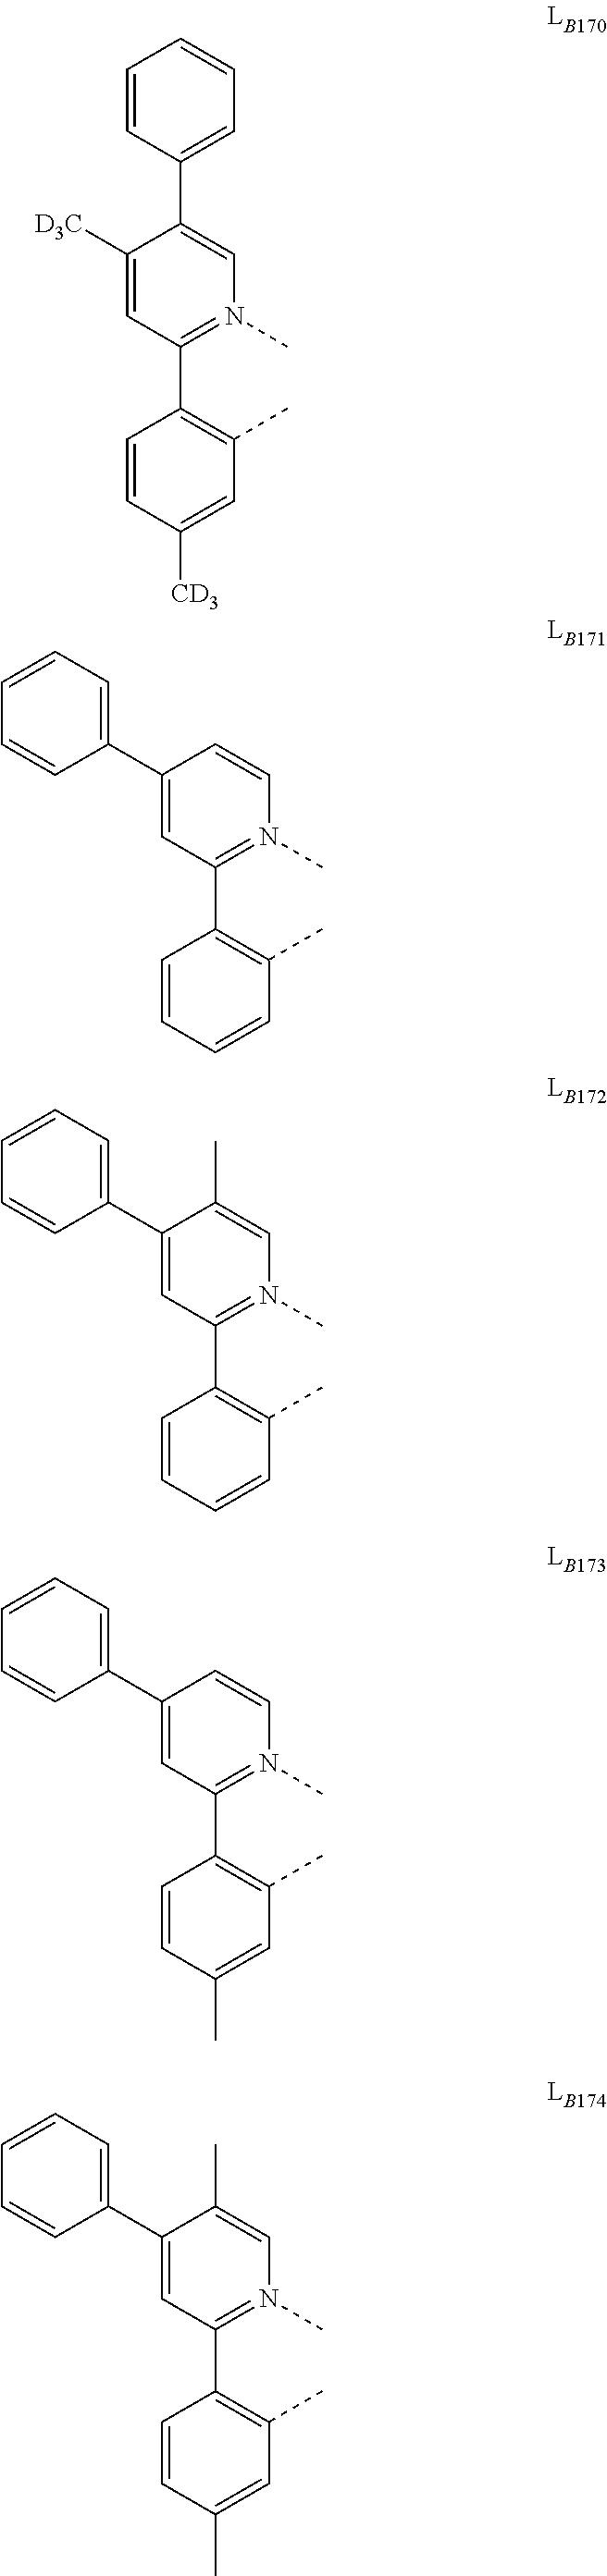 Figure US20180130962A1-20180510-C00100